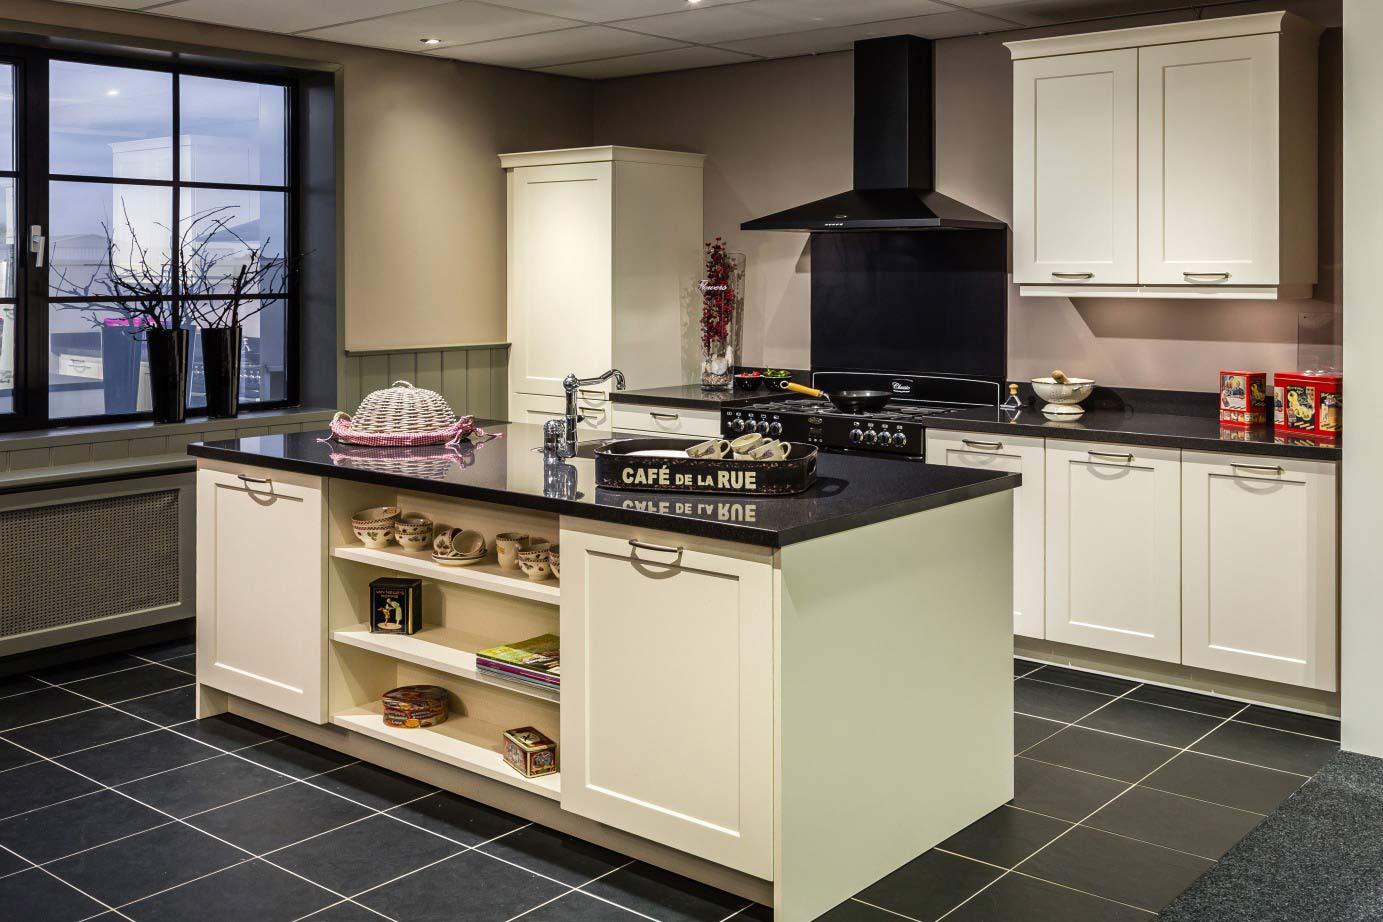 Nuva Keukens Tilburg : Bruynzeel keuken tilburg u informatie over de keuken